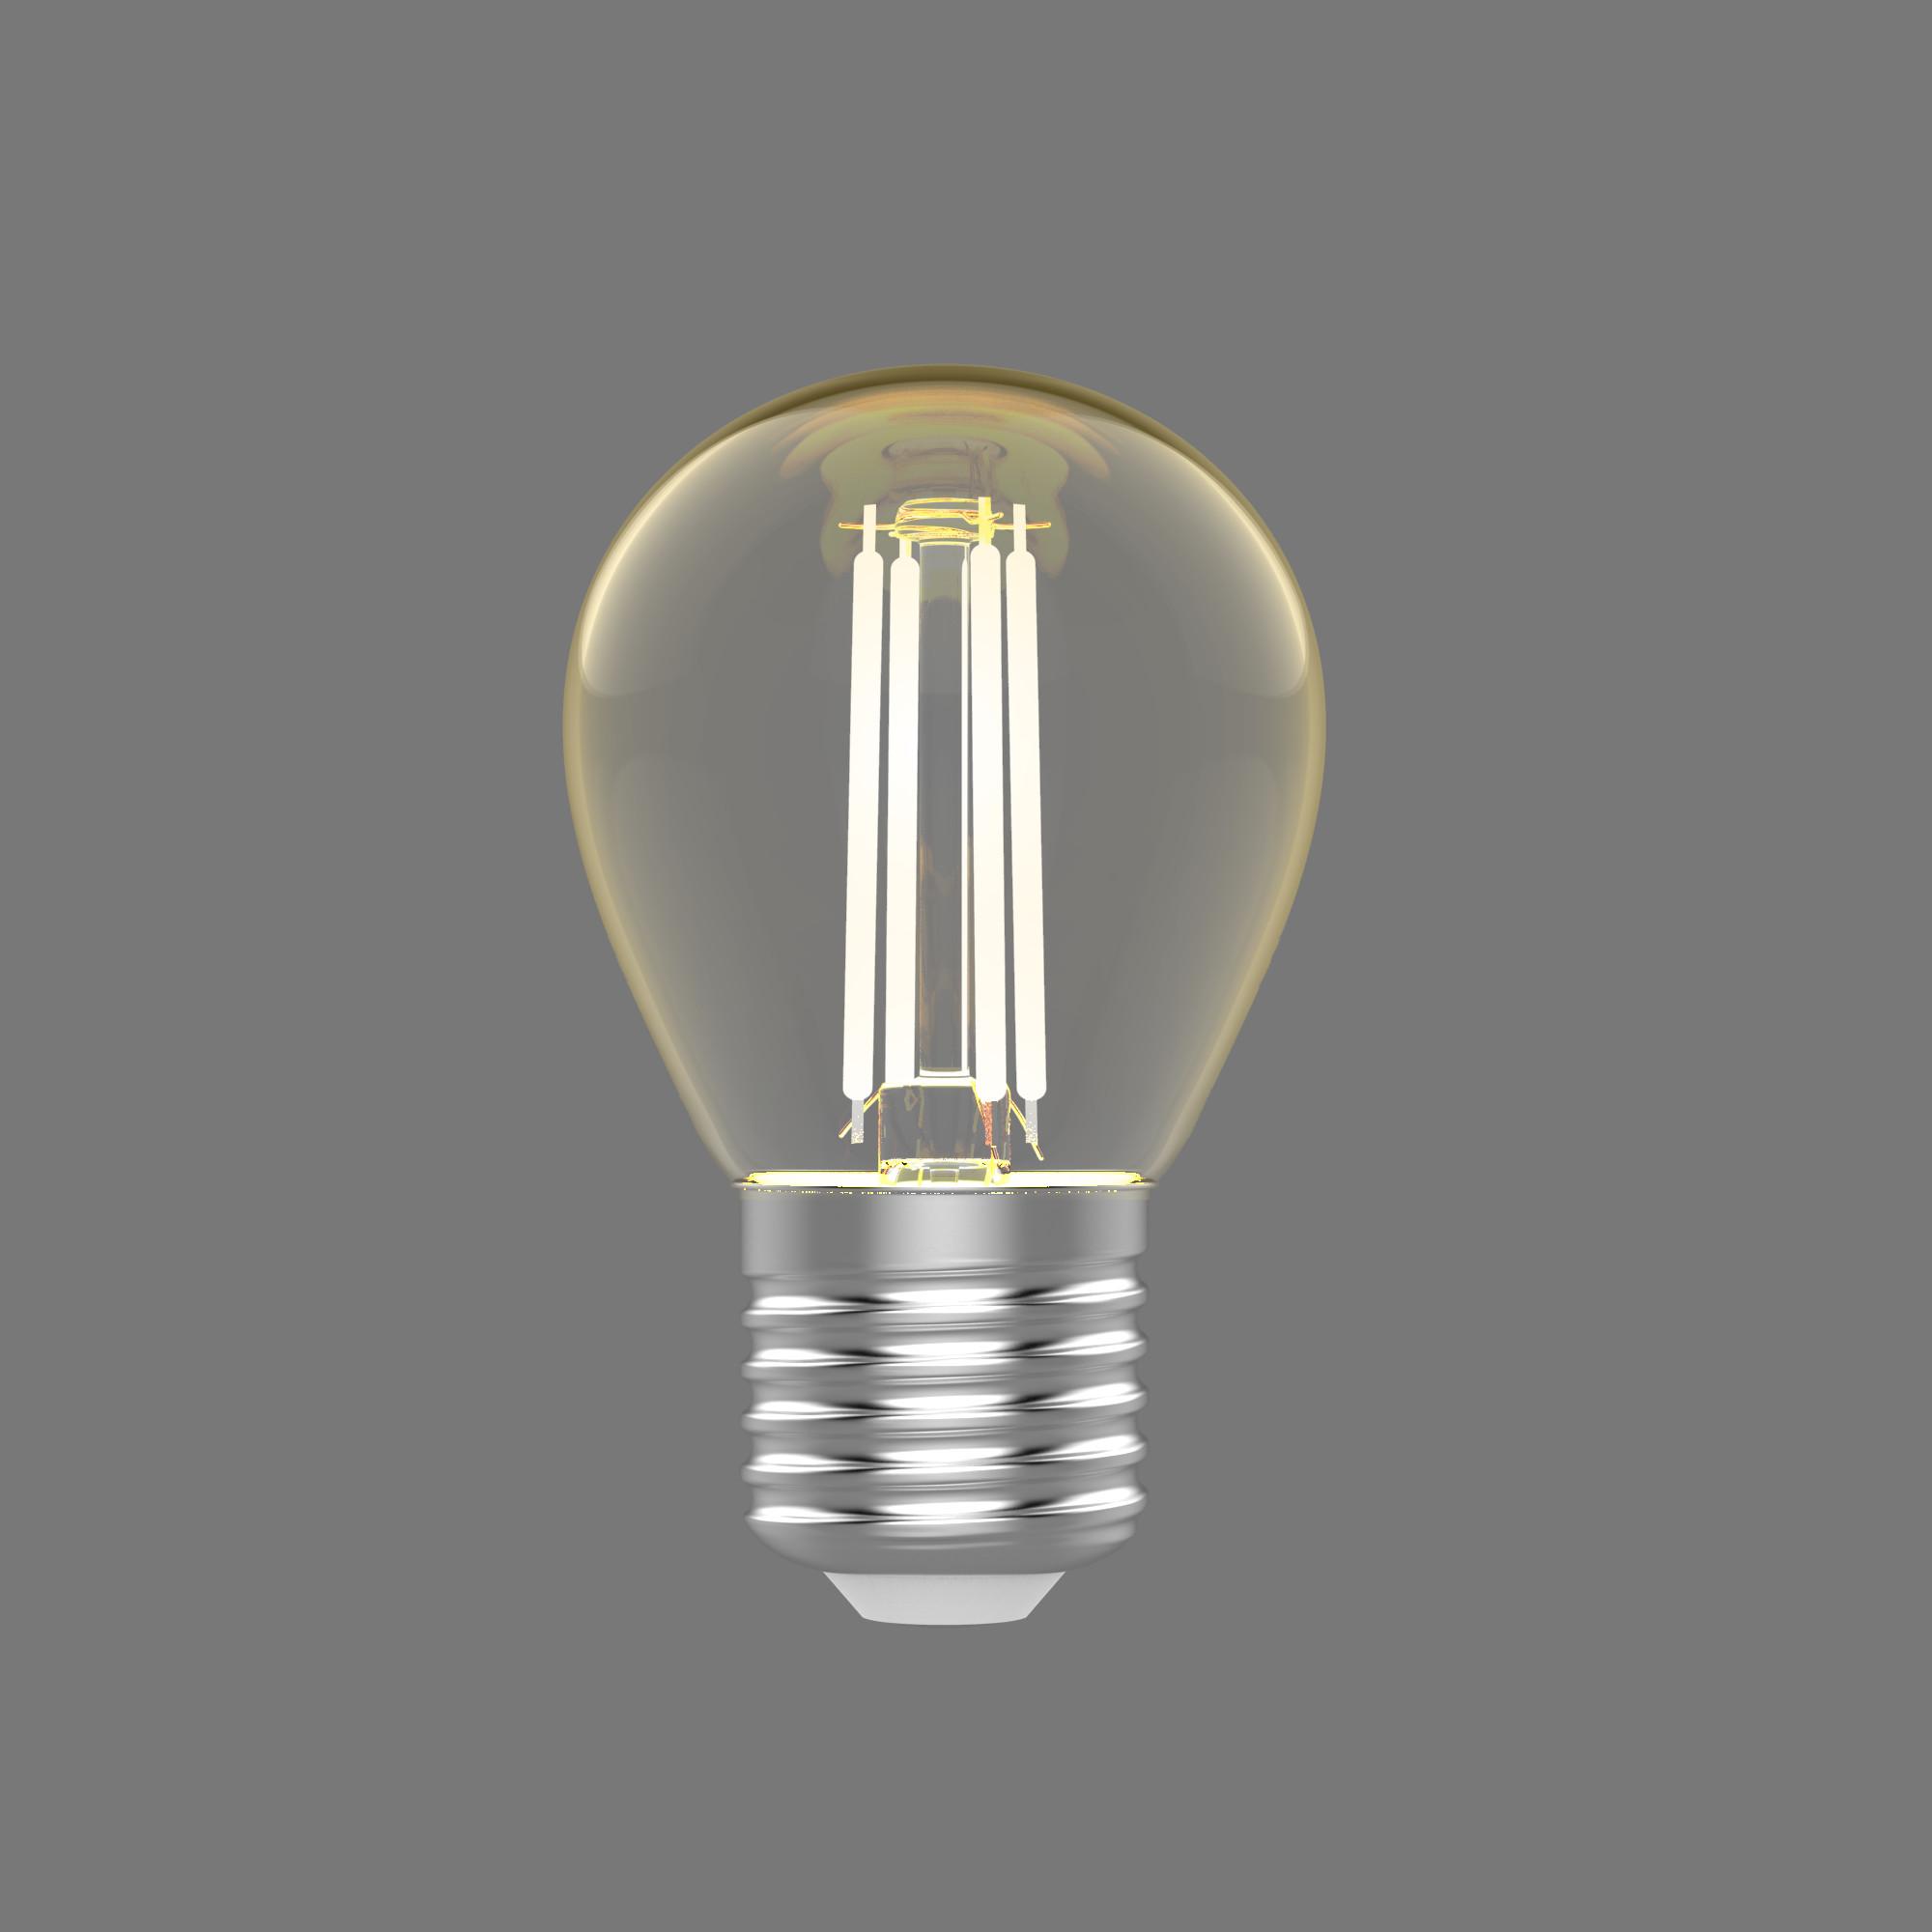 Лампа светодиодная Gauss E27 220 В 4.5 Вт шар 400 лм тёплый белый свет